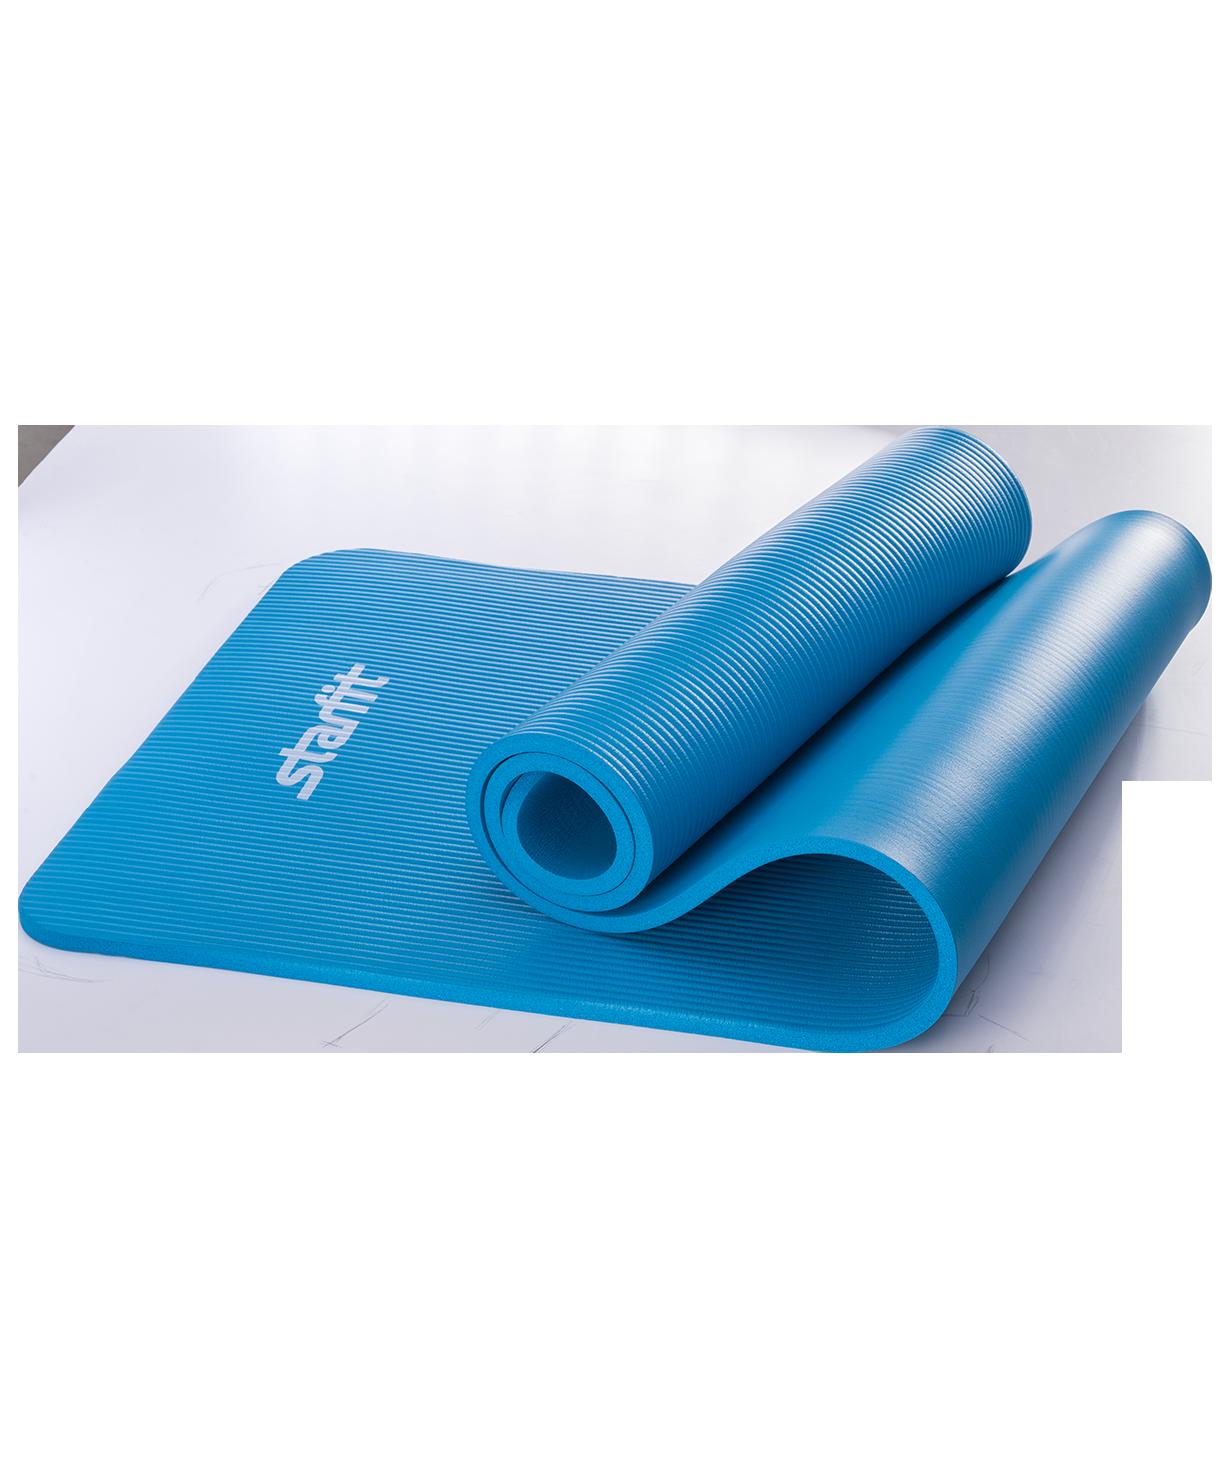 Коврик для йоги и фитнеса Yoga Star 1,2 см (183 см, 1,2 см, синий, 60 см)